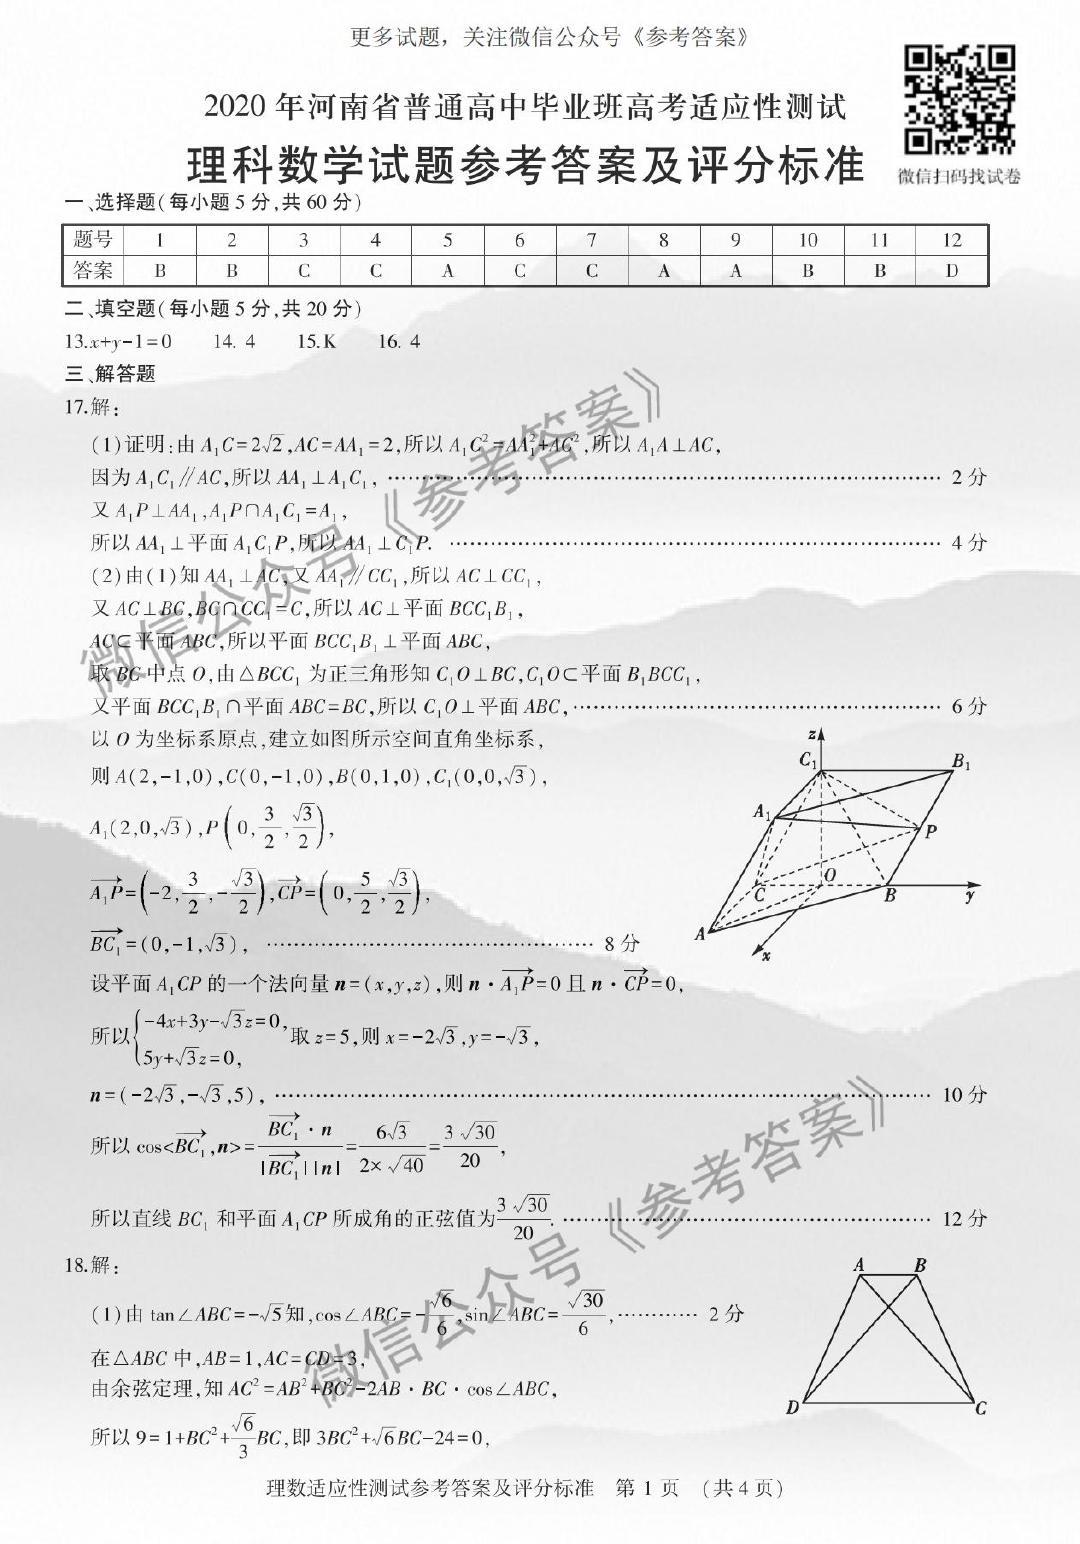 2020年河南省高考适应性测试数学答案(文科数学、理科数学)